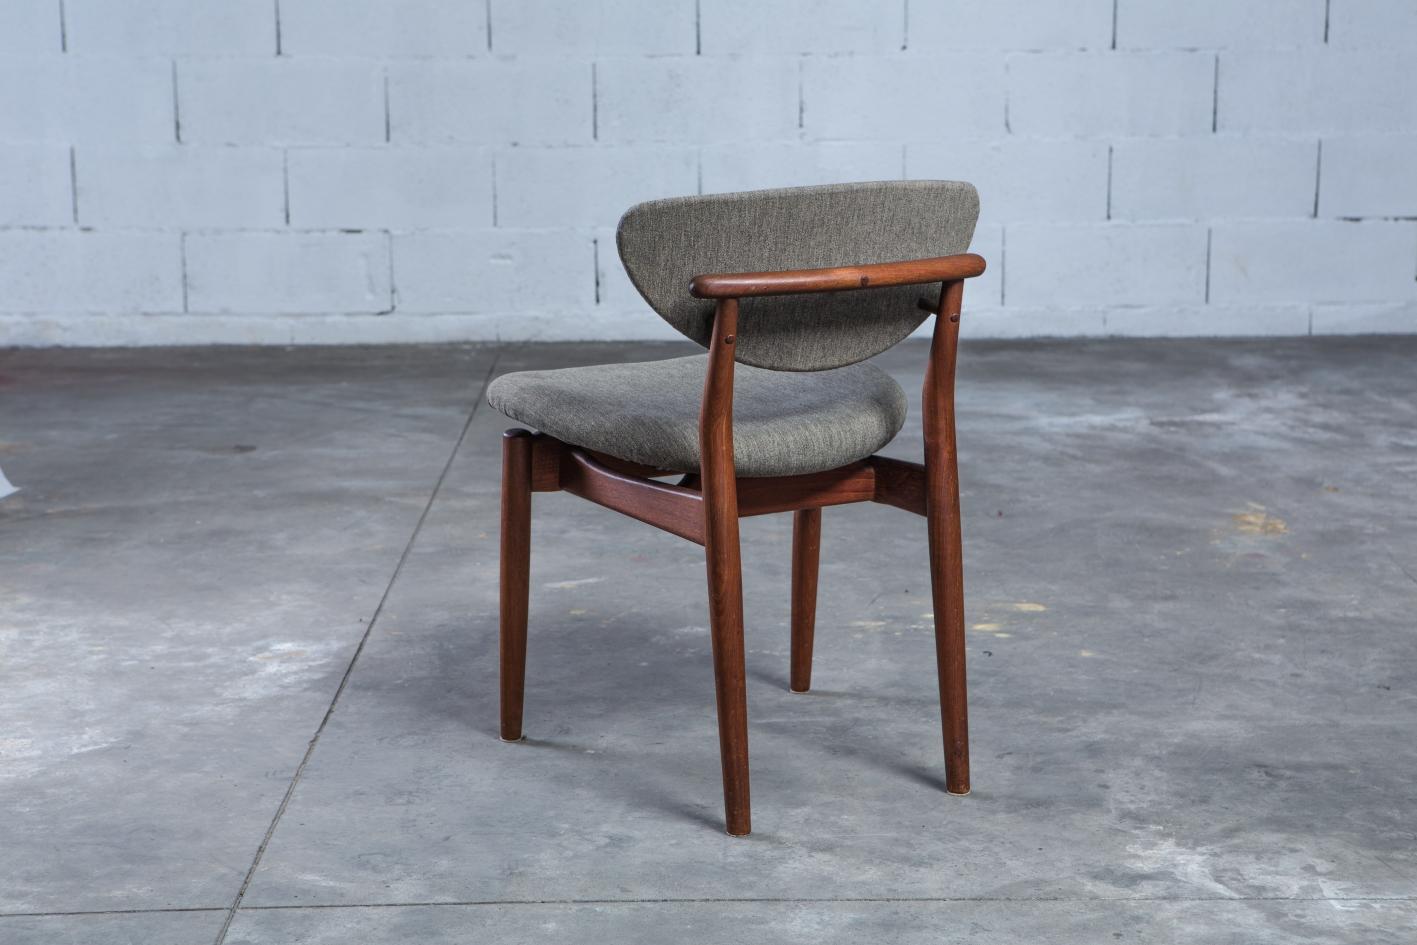 NV108 - Fj55 chairs - Finn Juhl for Niels Vodder - 3/4 back view